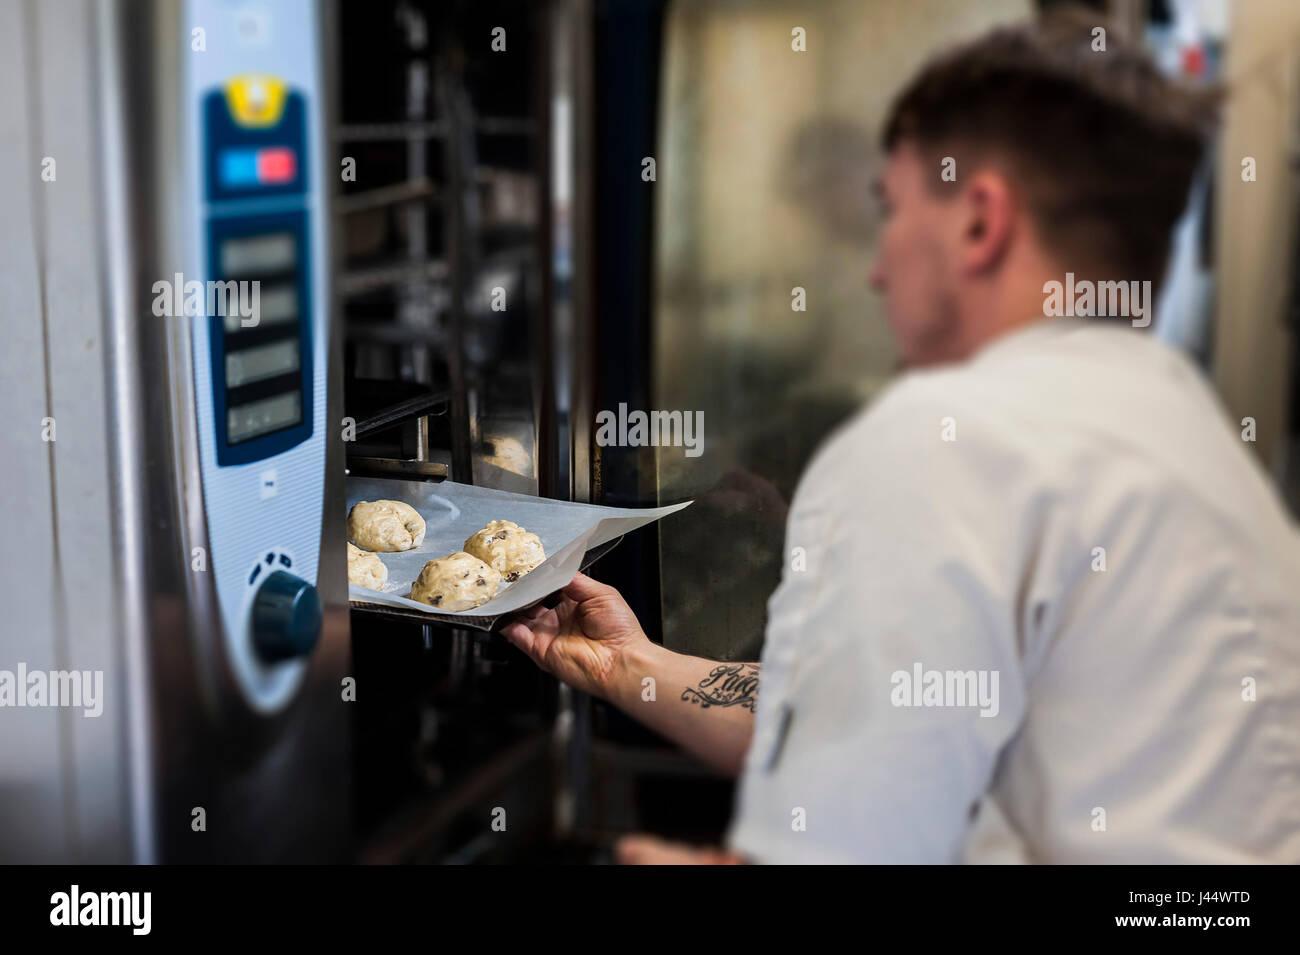 Un chef met un bac de scones dans un four; cuisine; cuisine; nourriture; Cuisson; Photo Stock